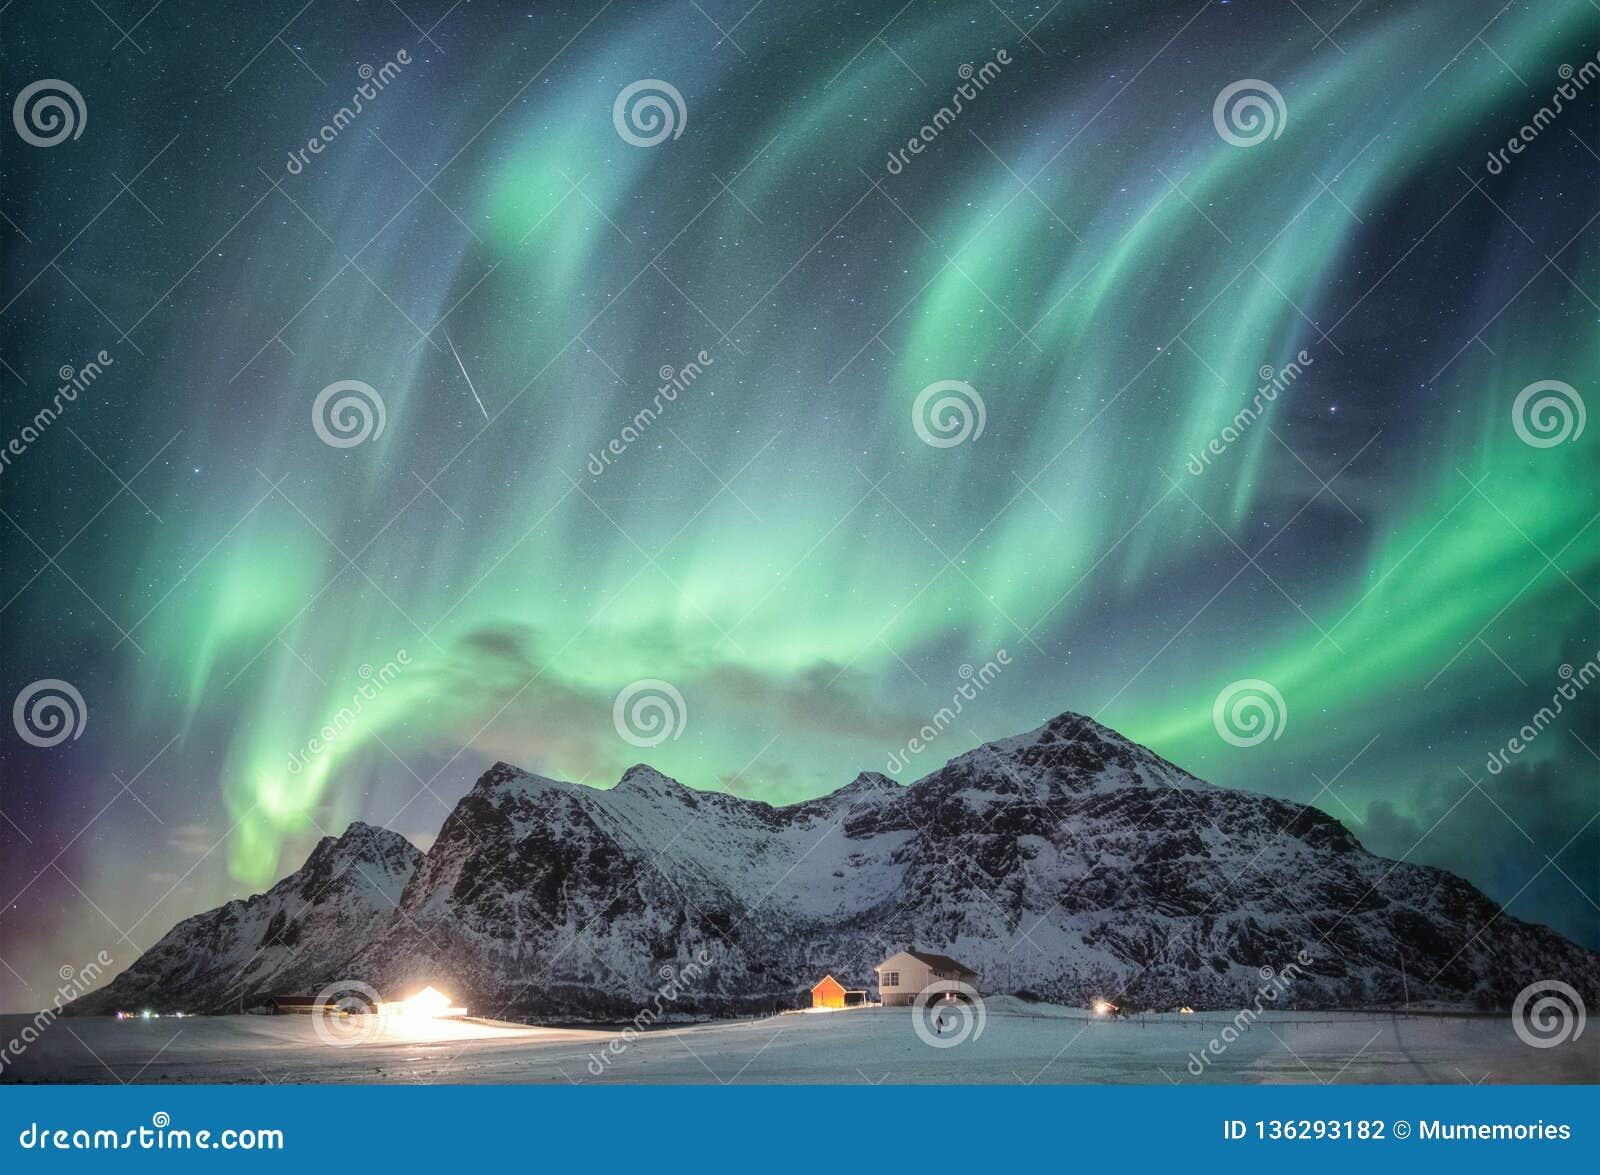 Aurora borealis met sterrig over sneeuwbergketen met verlichtingshuis in Flakstad, Lofoten-eilanden, Noorwegen